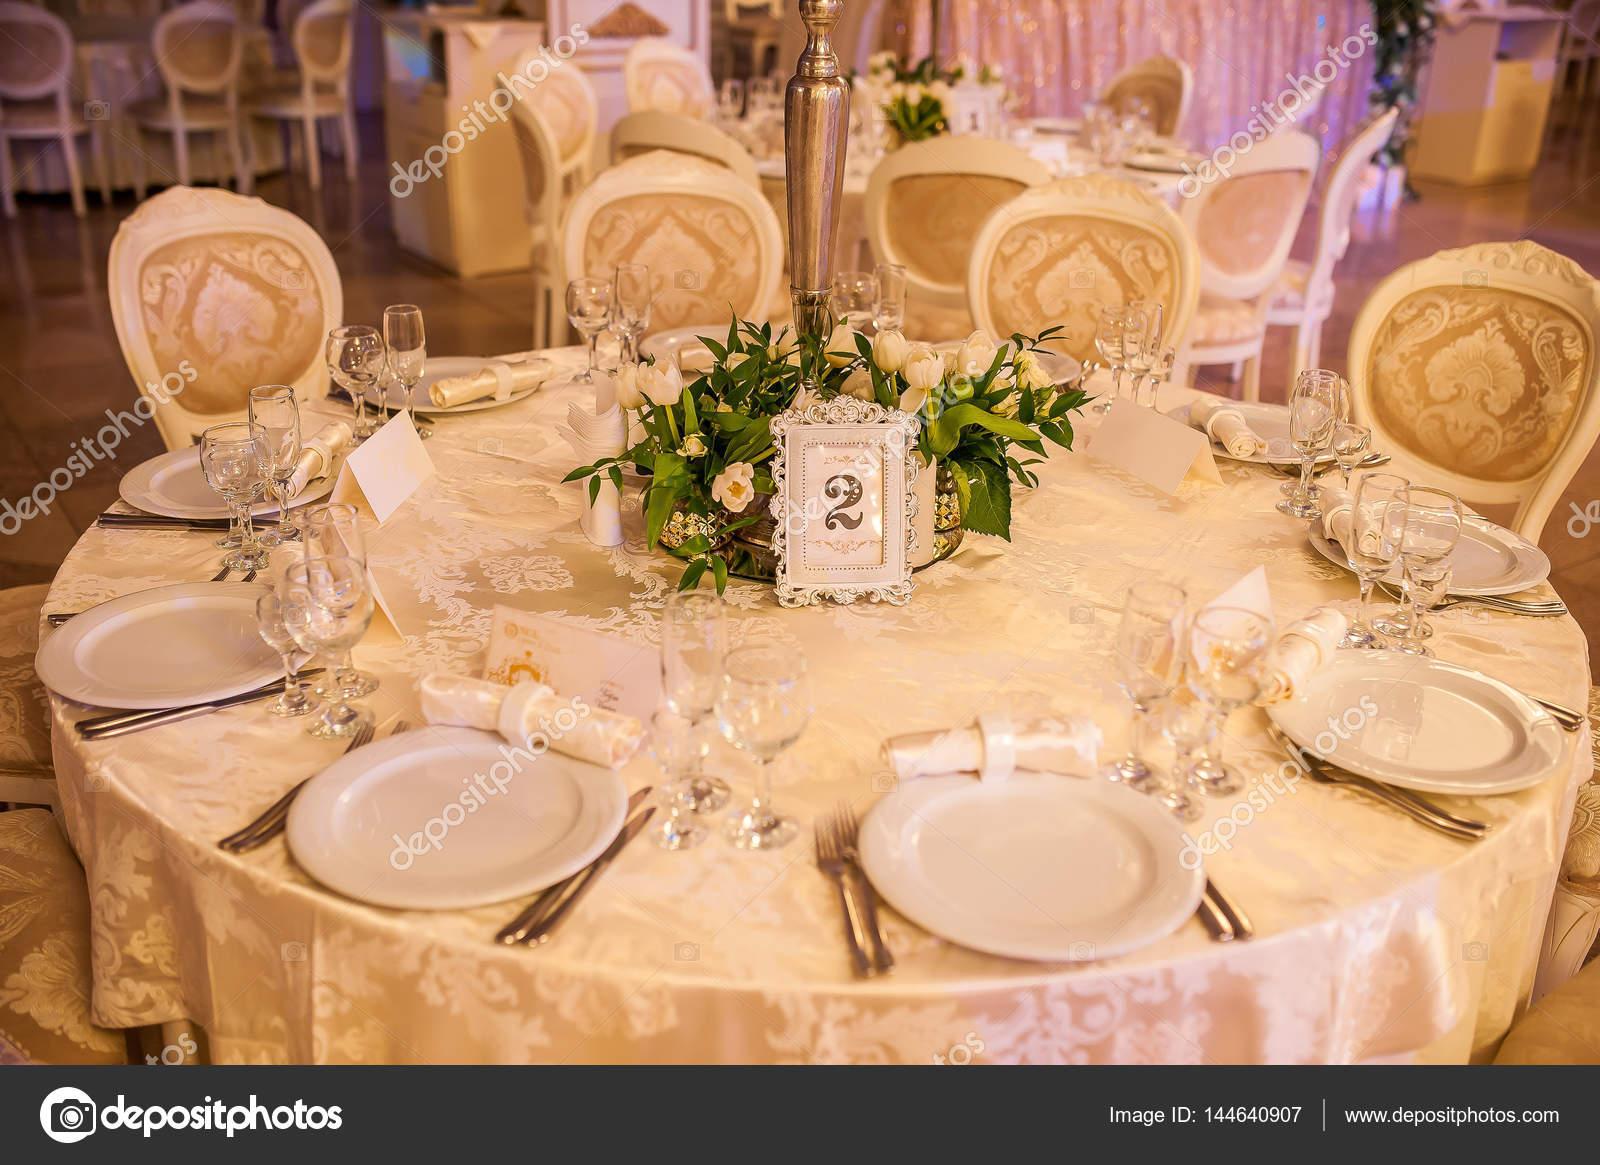 Hochzeitsdekoration Der Tische Und Stuhle In Der Halle Stockfoto